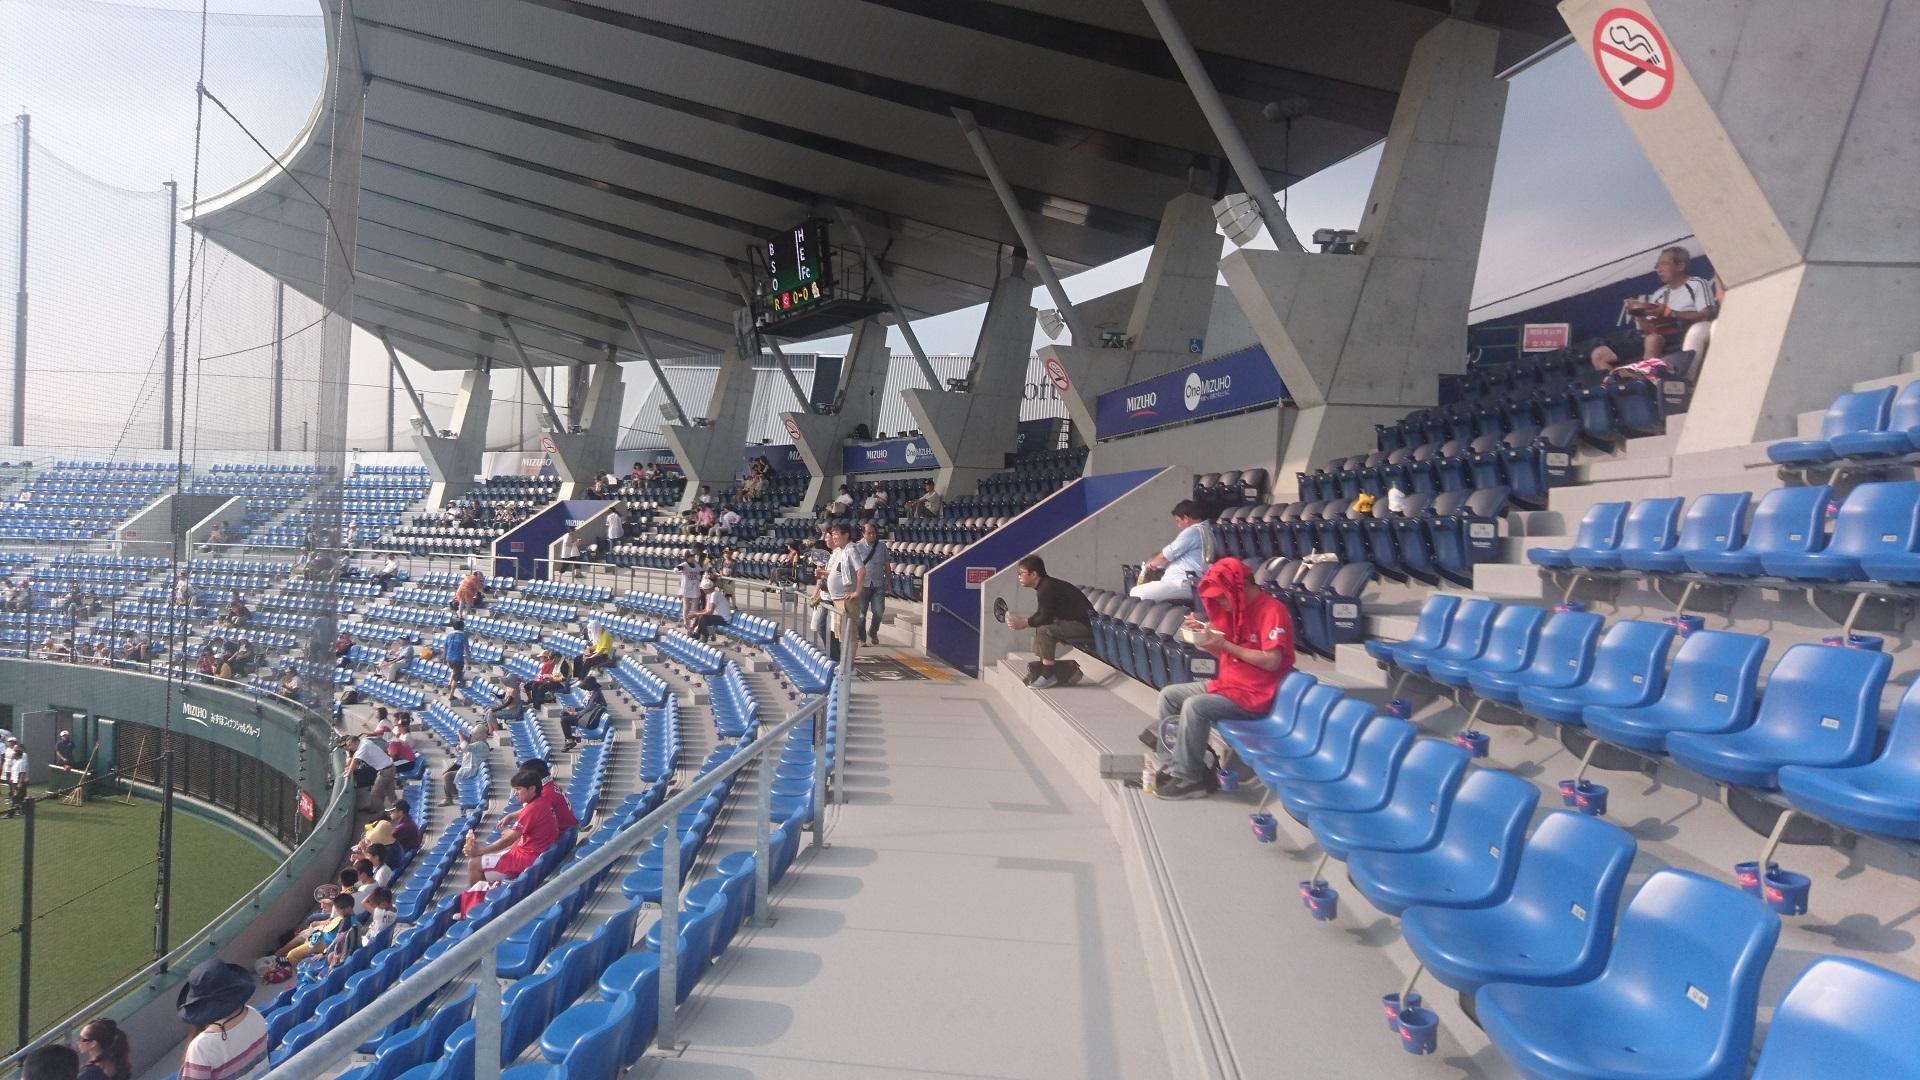 タマホームスタジアム筑後 座席1